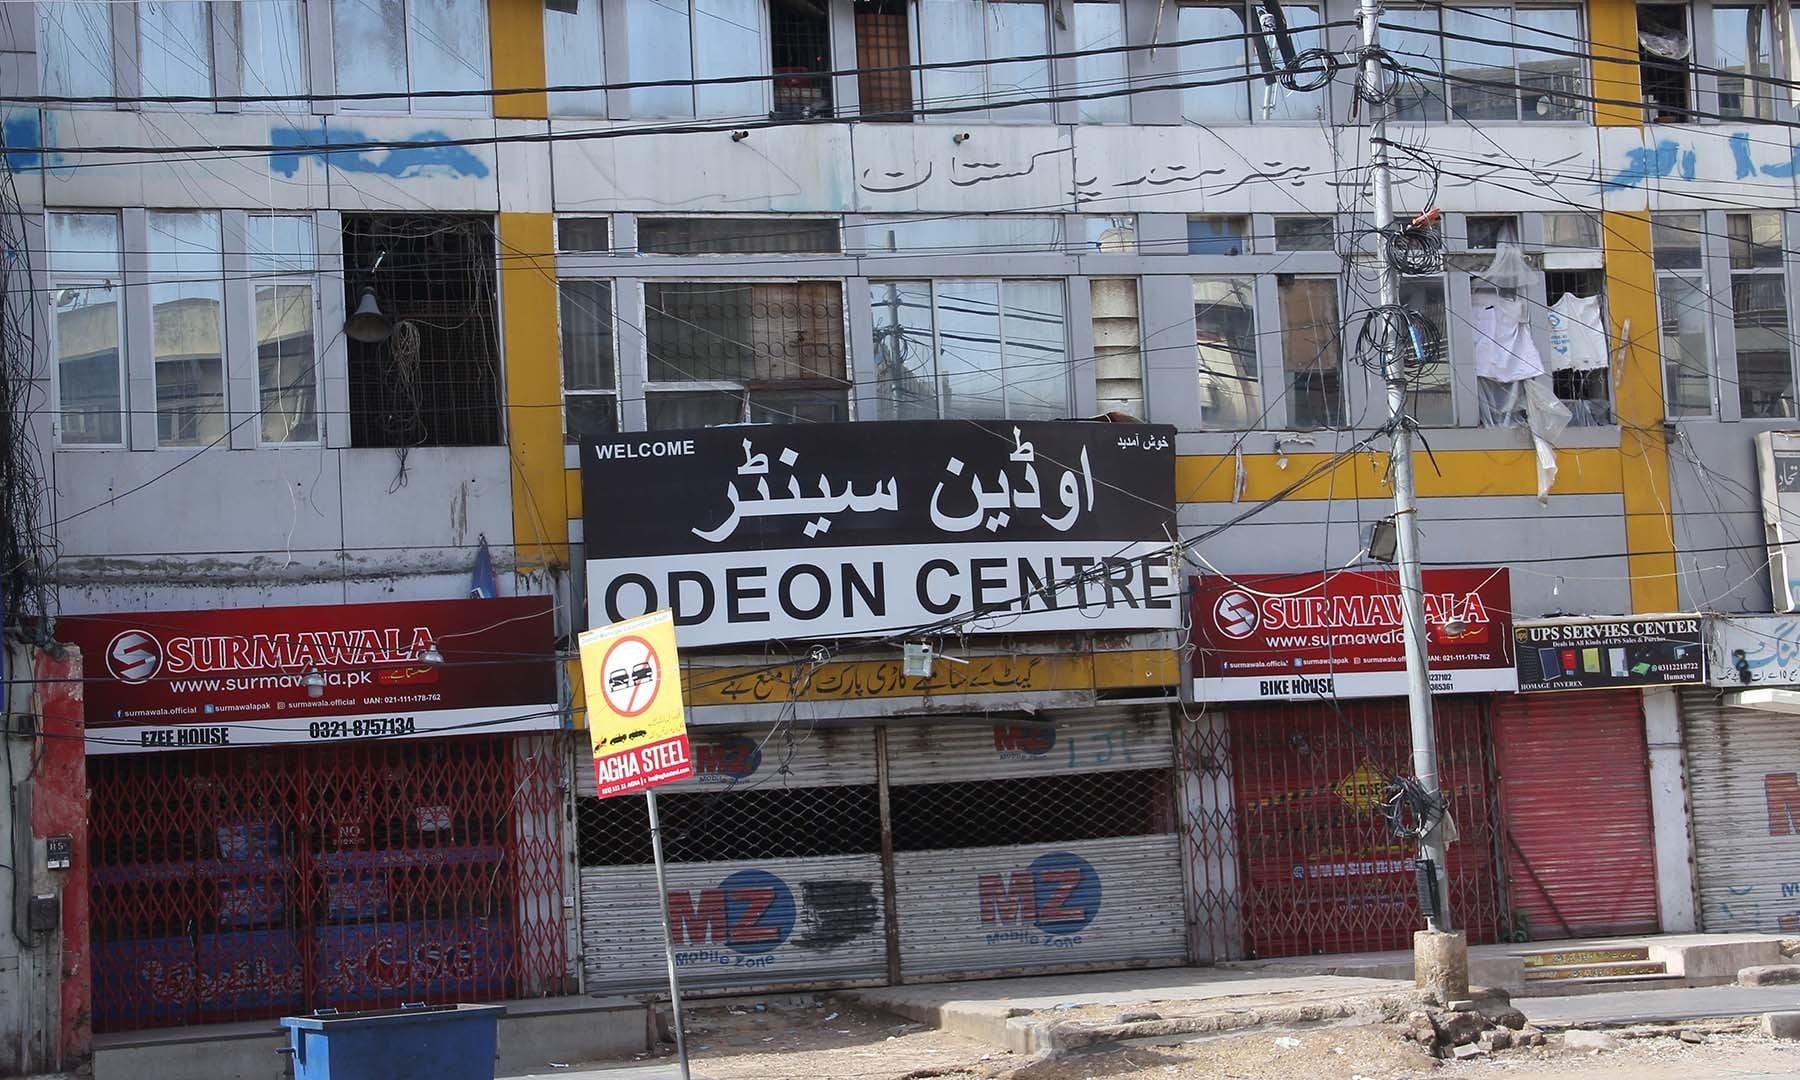 وہ مقام جہاں پہلا اوڈین سنیما ہوا کرتا تھا—اعجاز کورائی